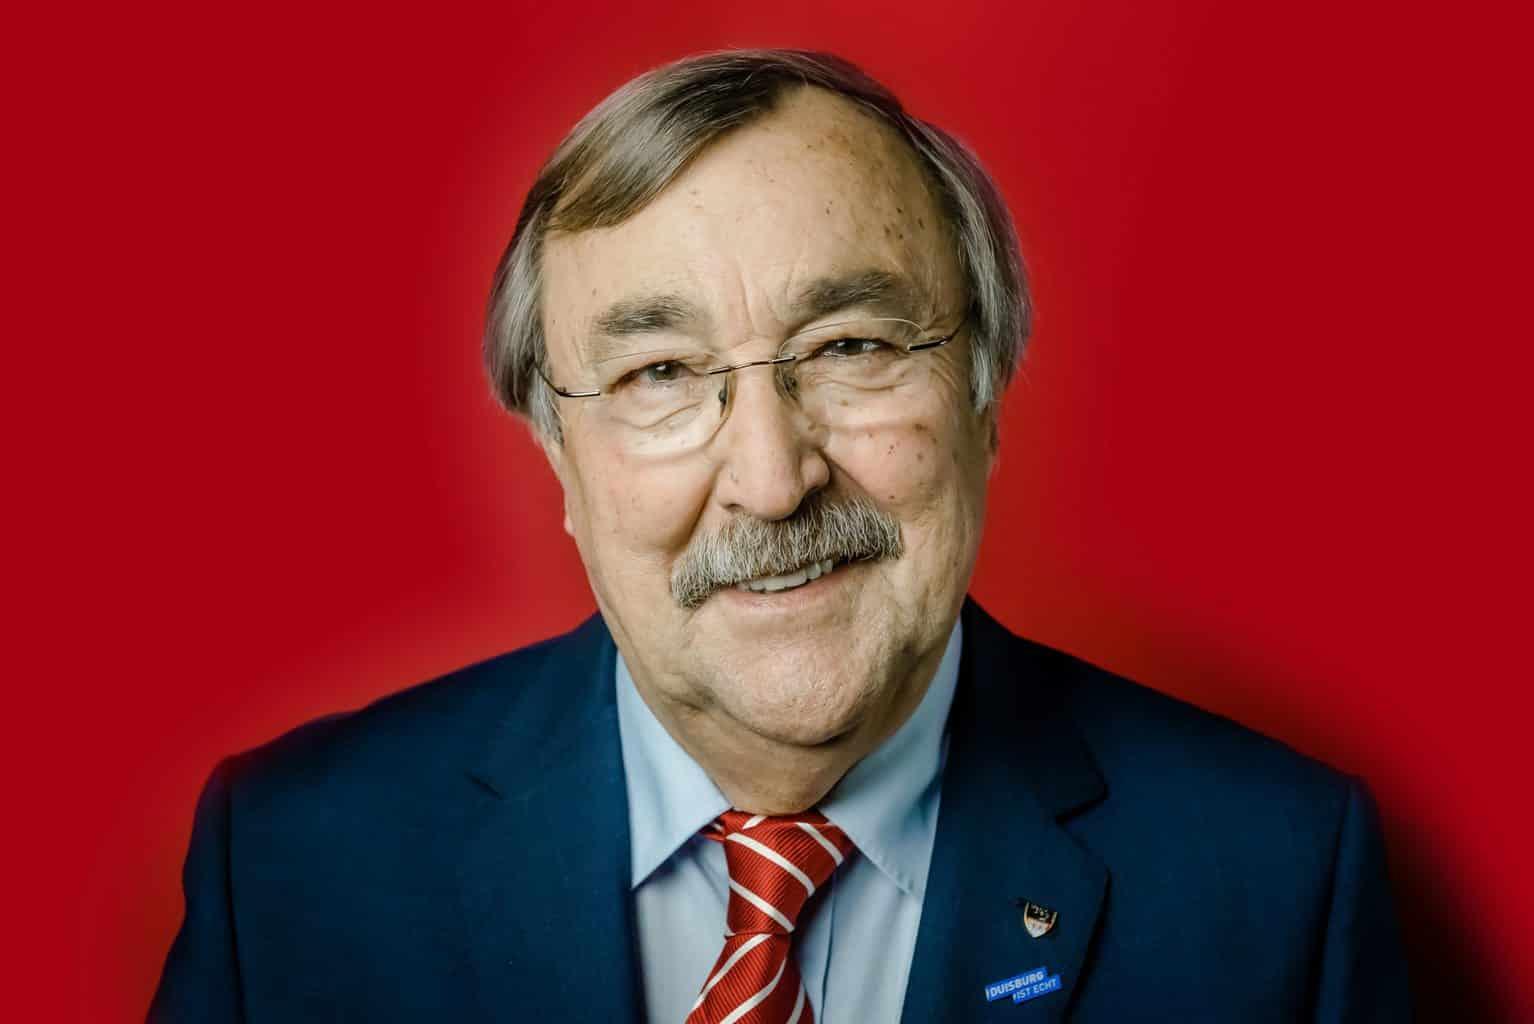 Manfred Osenger